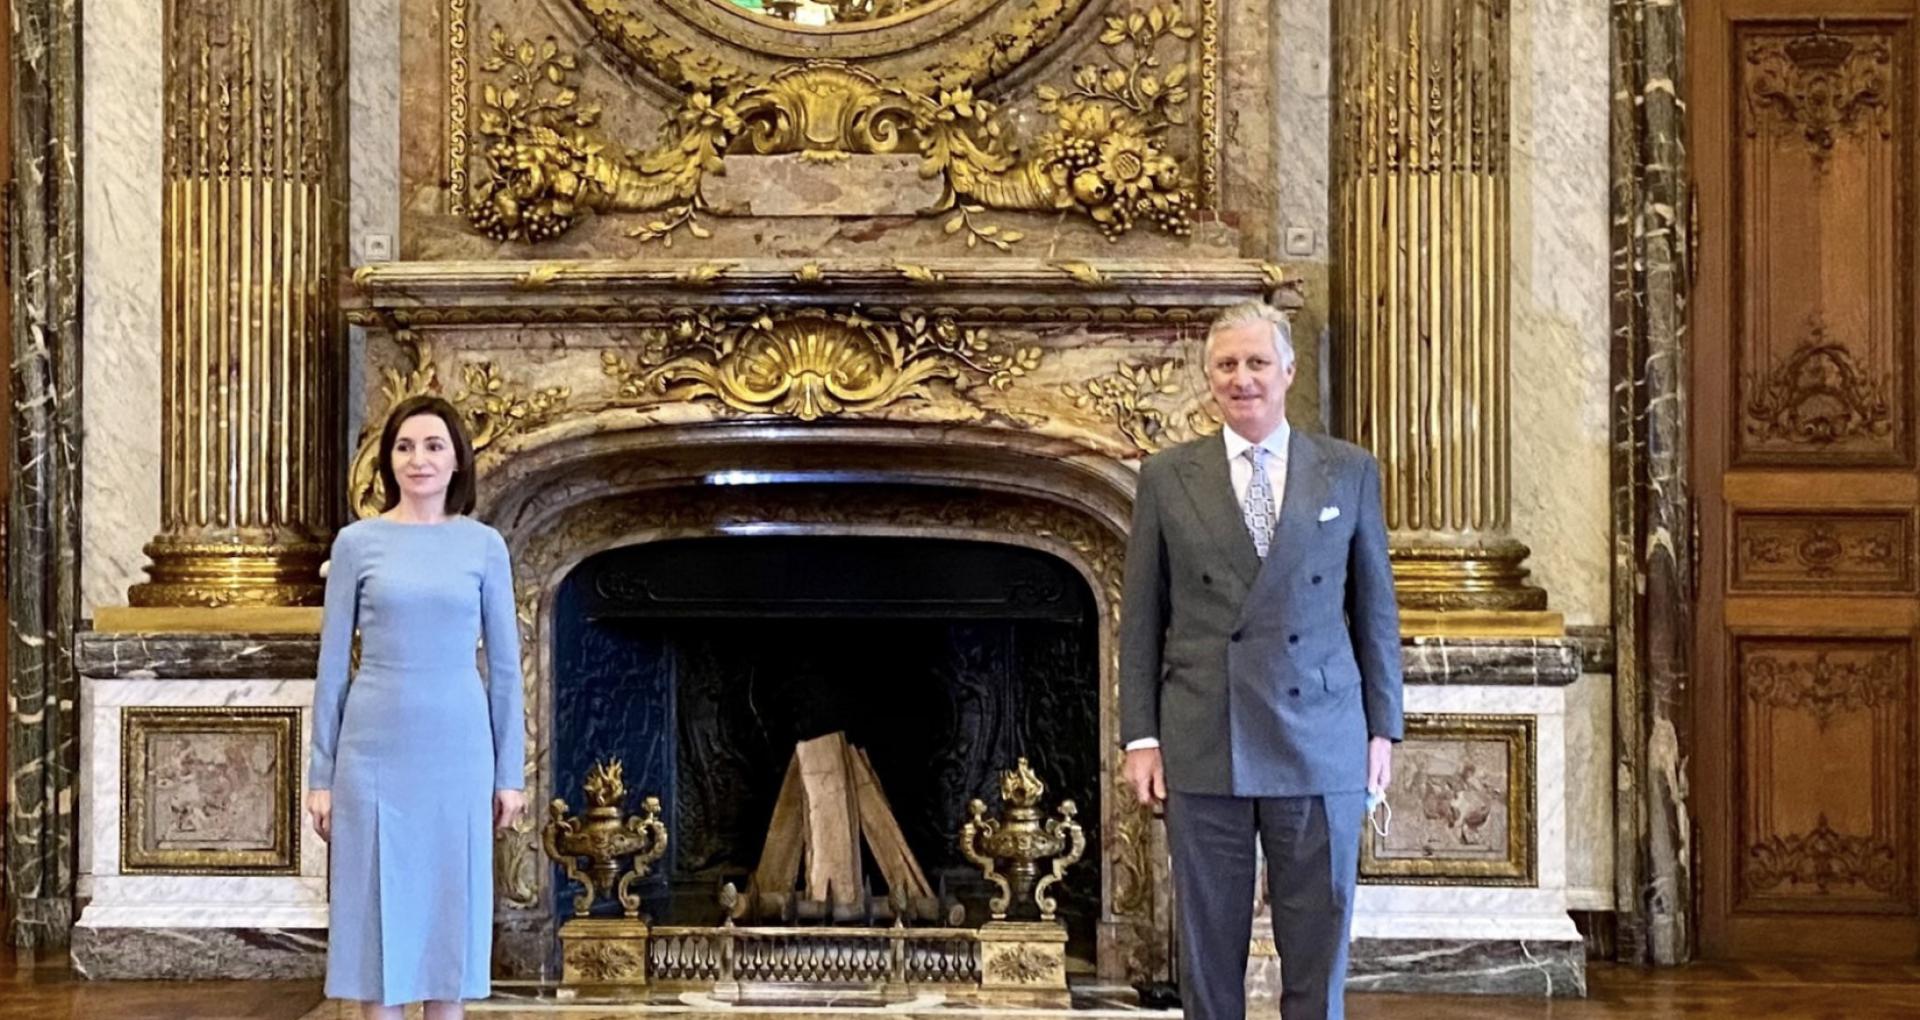 Președinta Maia Sandu a avut o întrevedere și cu Majestatea Sa, Regele Philippe al Belgiei